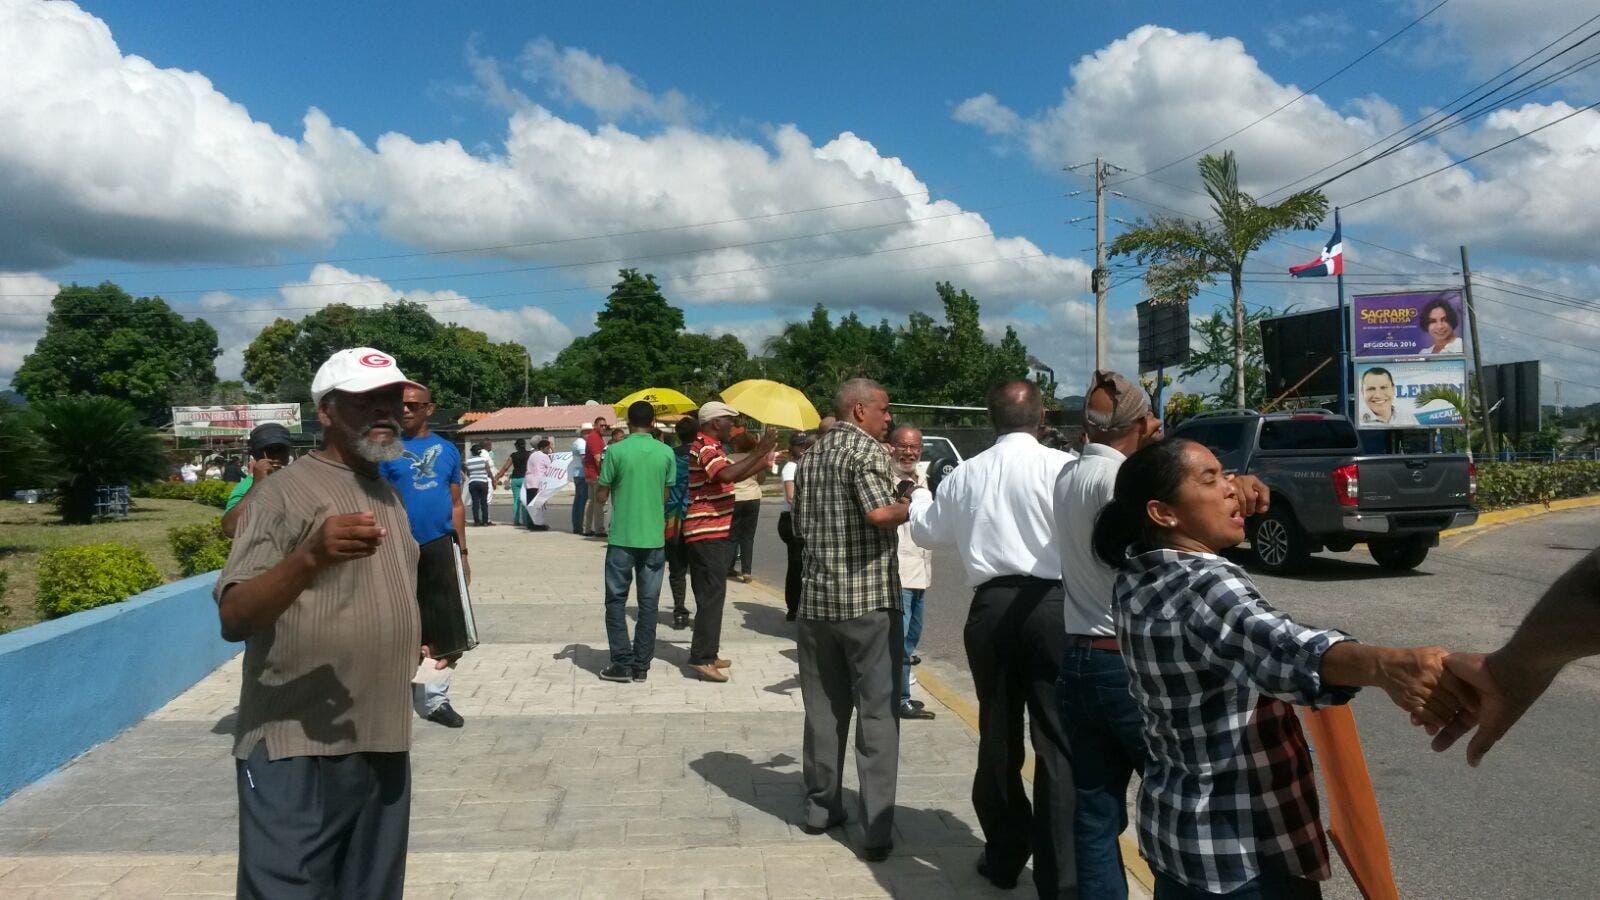 En San Cristóbal hicieron una cadena humana contra la corrupción. Fotos  cortesía de Hainan  Reynoso